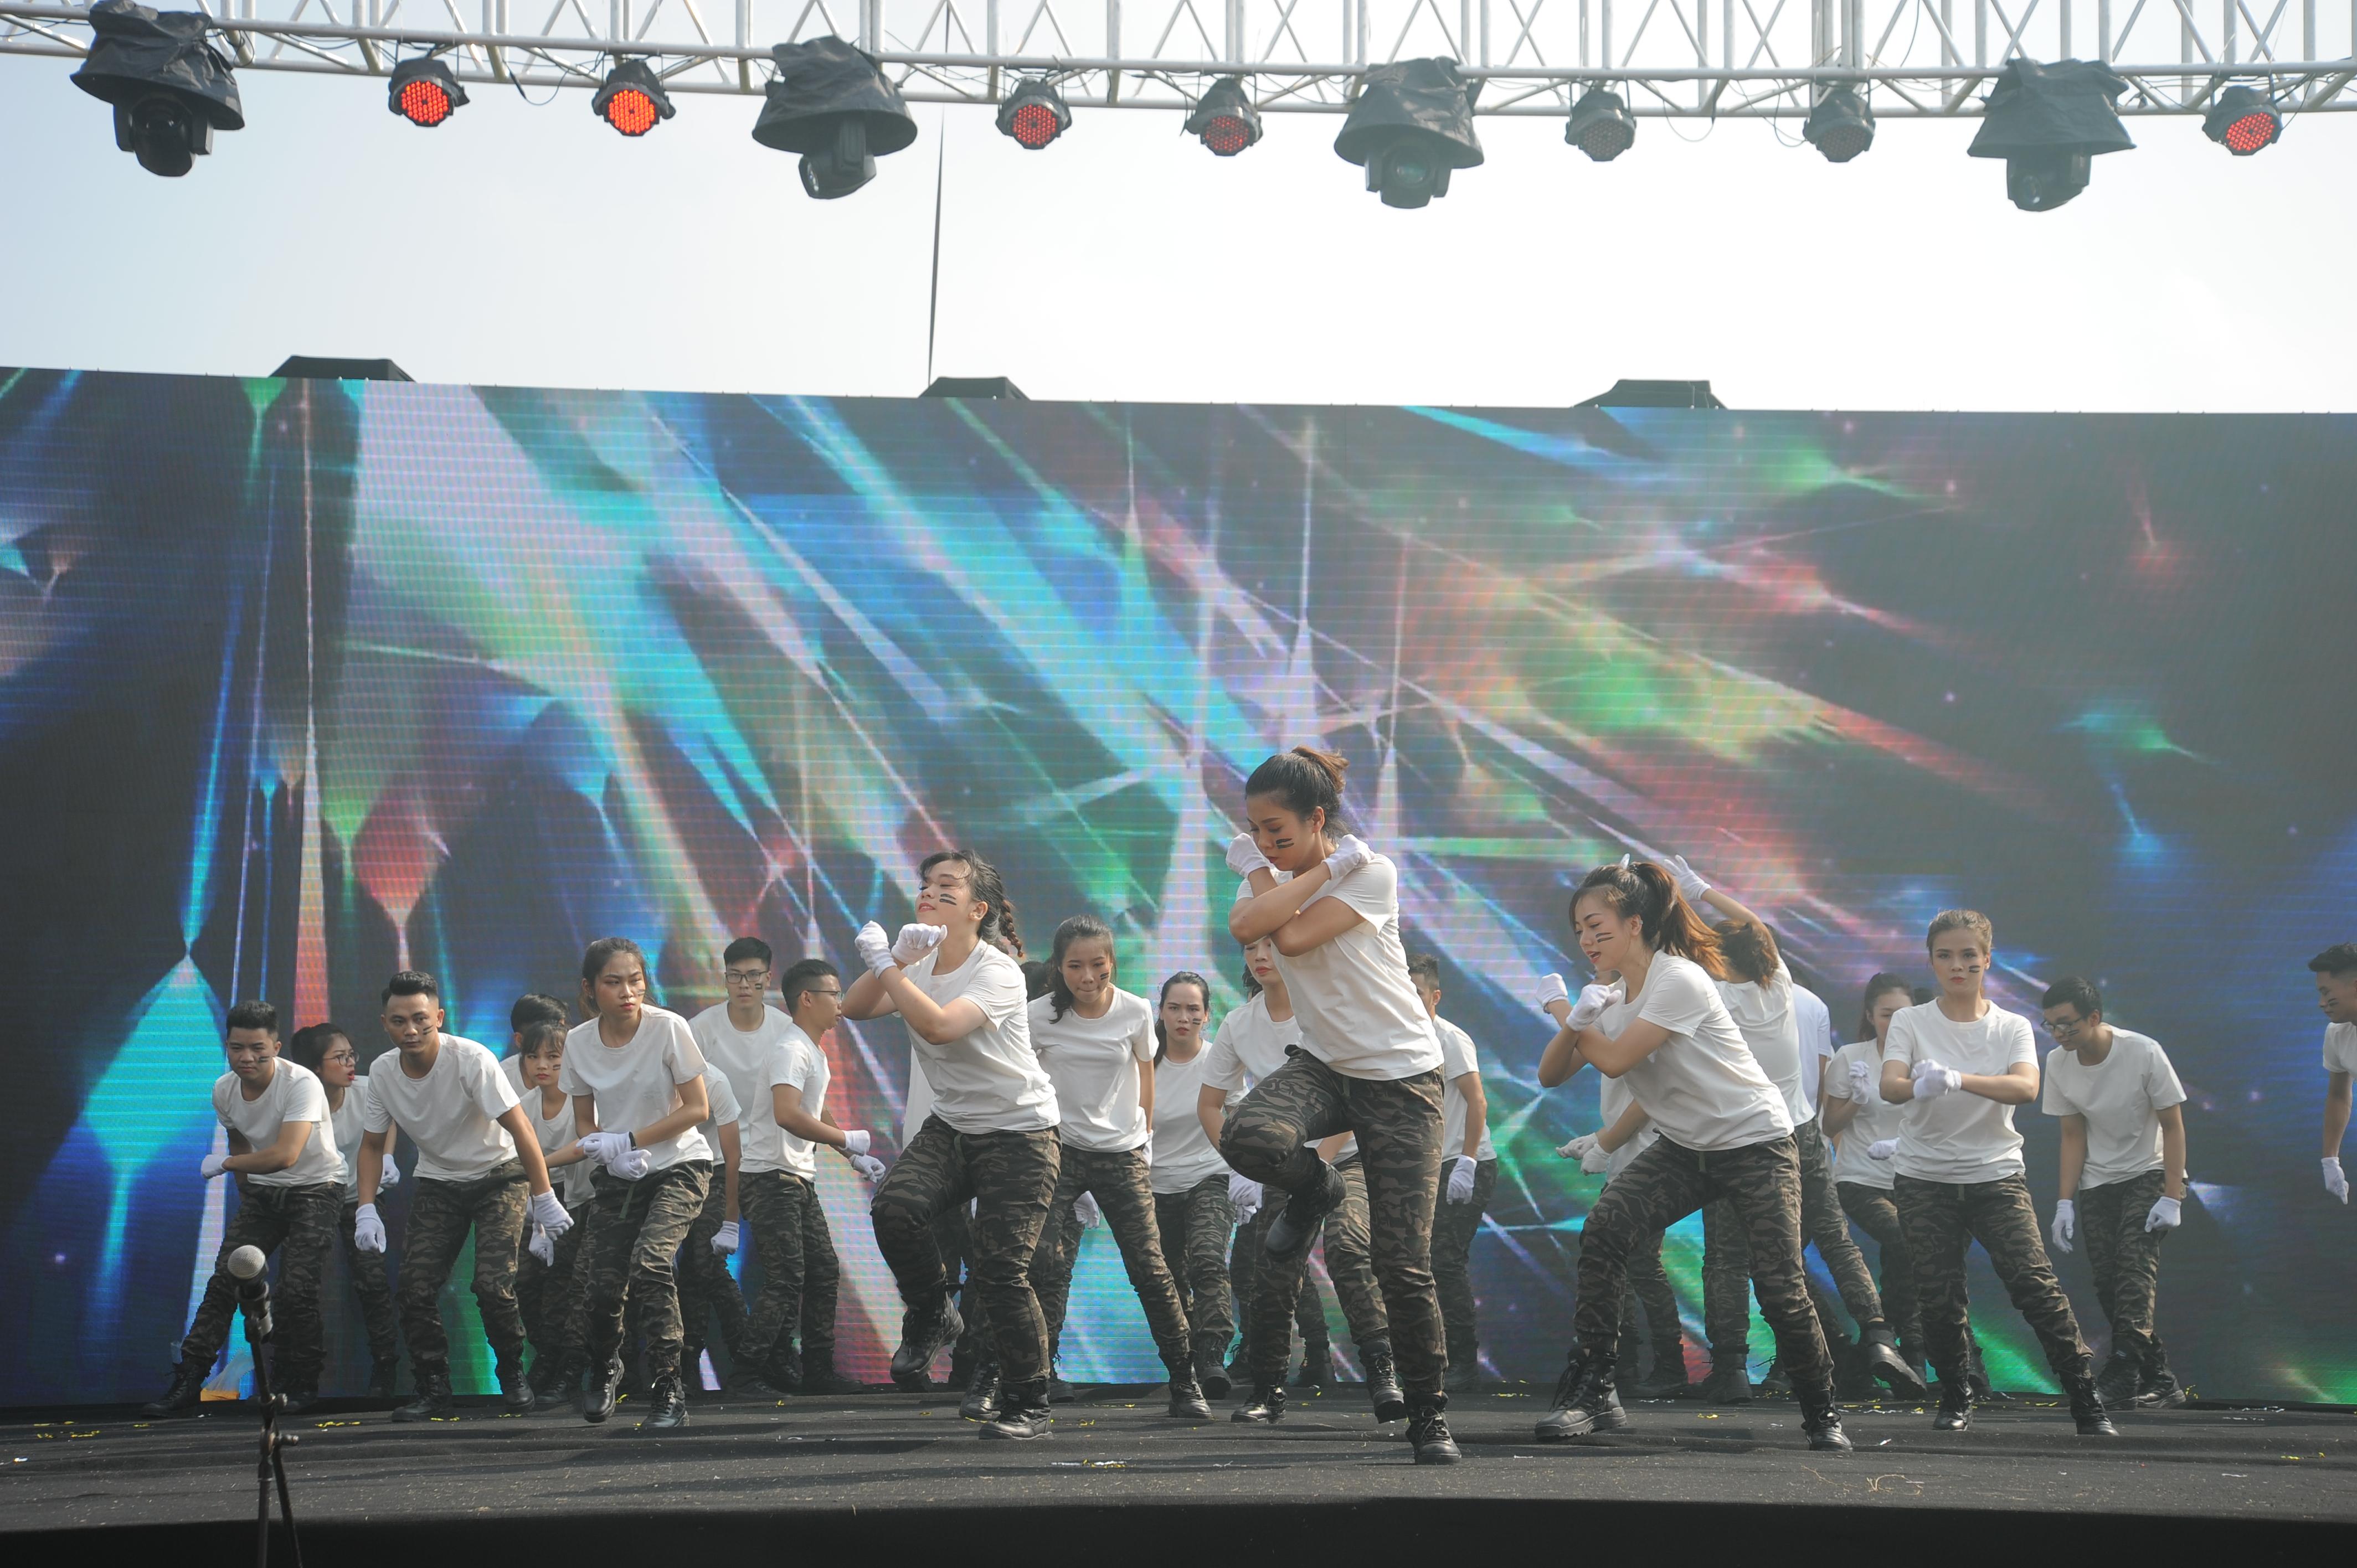 Nhà Viễn thông trang phục trắng, quần đen đeo găng tay trắng bắt đầu phần trình diễn bằng những động tác dứt khoát, mạnh mẽ.